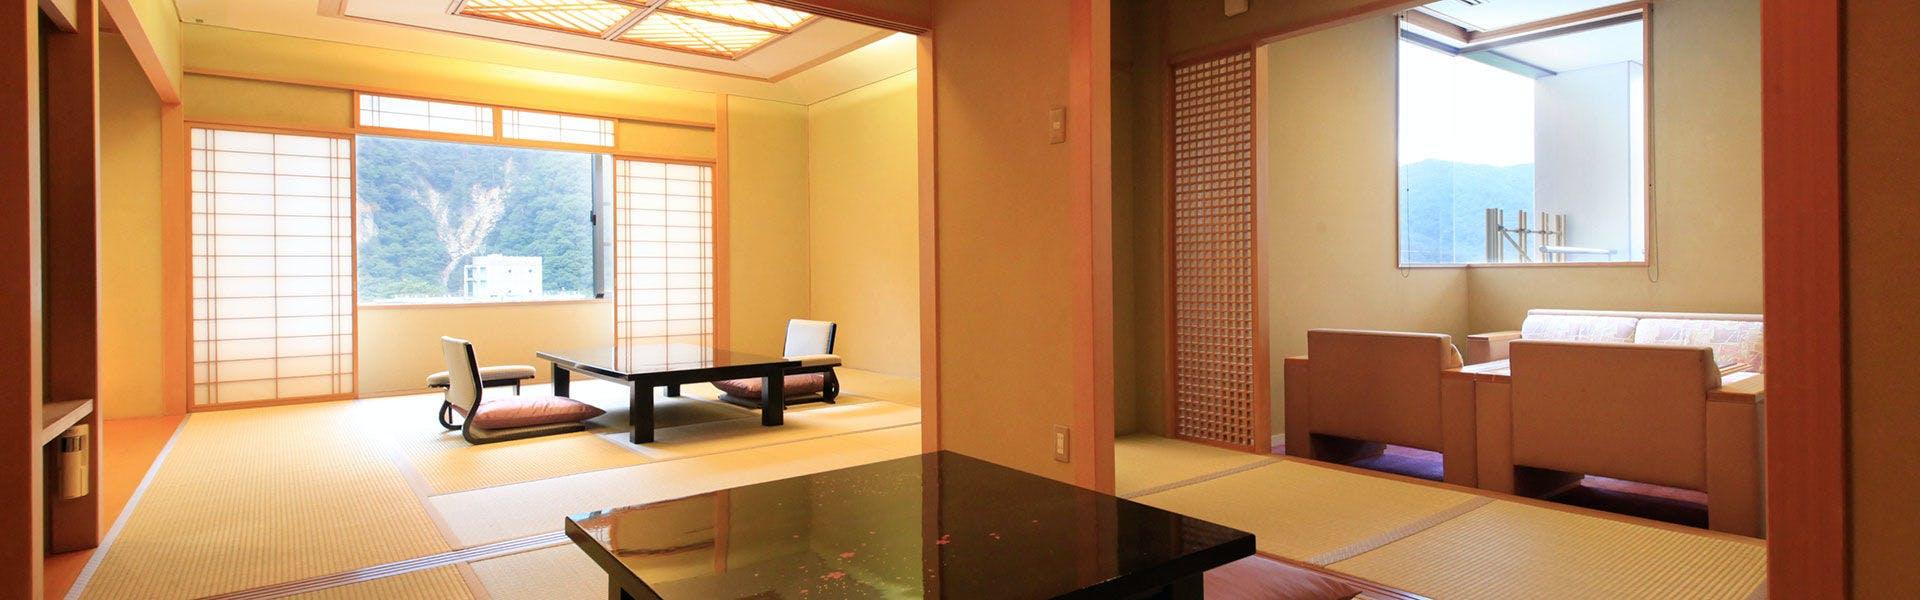 記念日におすすめのホテル・【源泉湯の宿 紫翠亭】の写真3